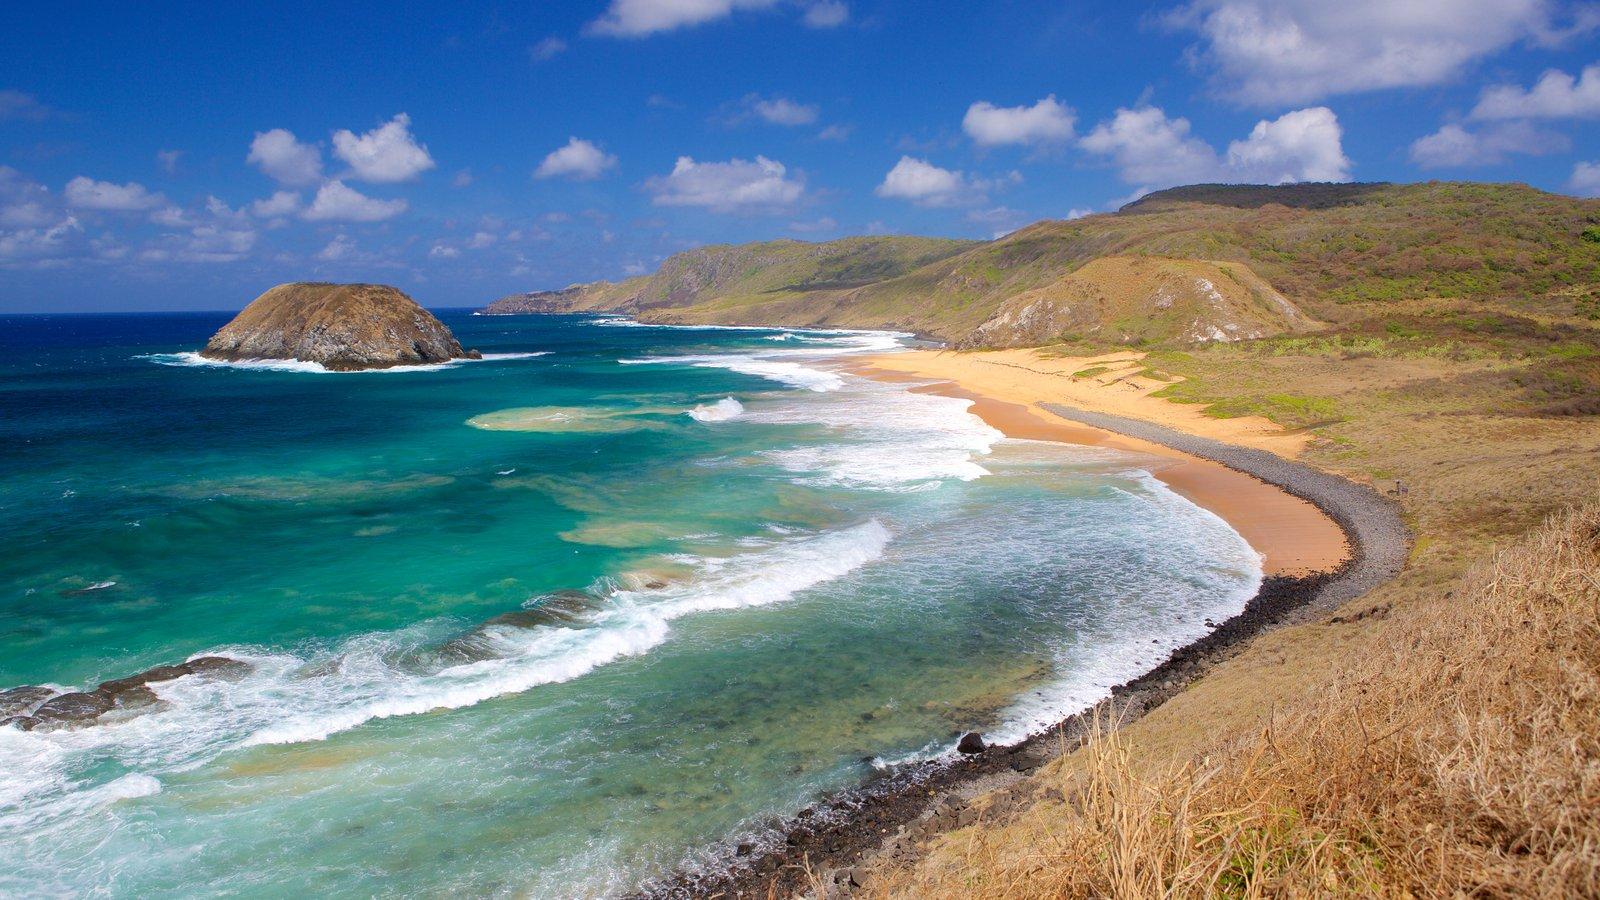 Praia do Leão mostrando uma praia, ondas e paisagens litorâneas